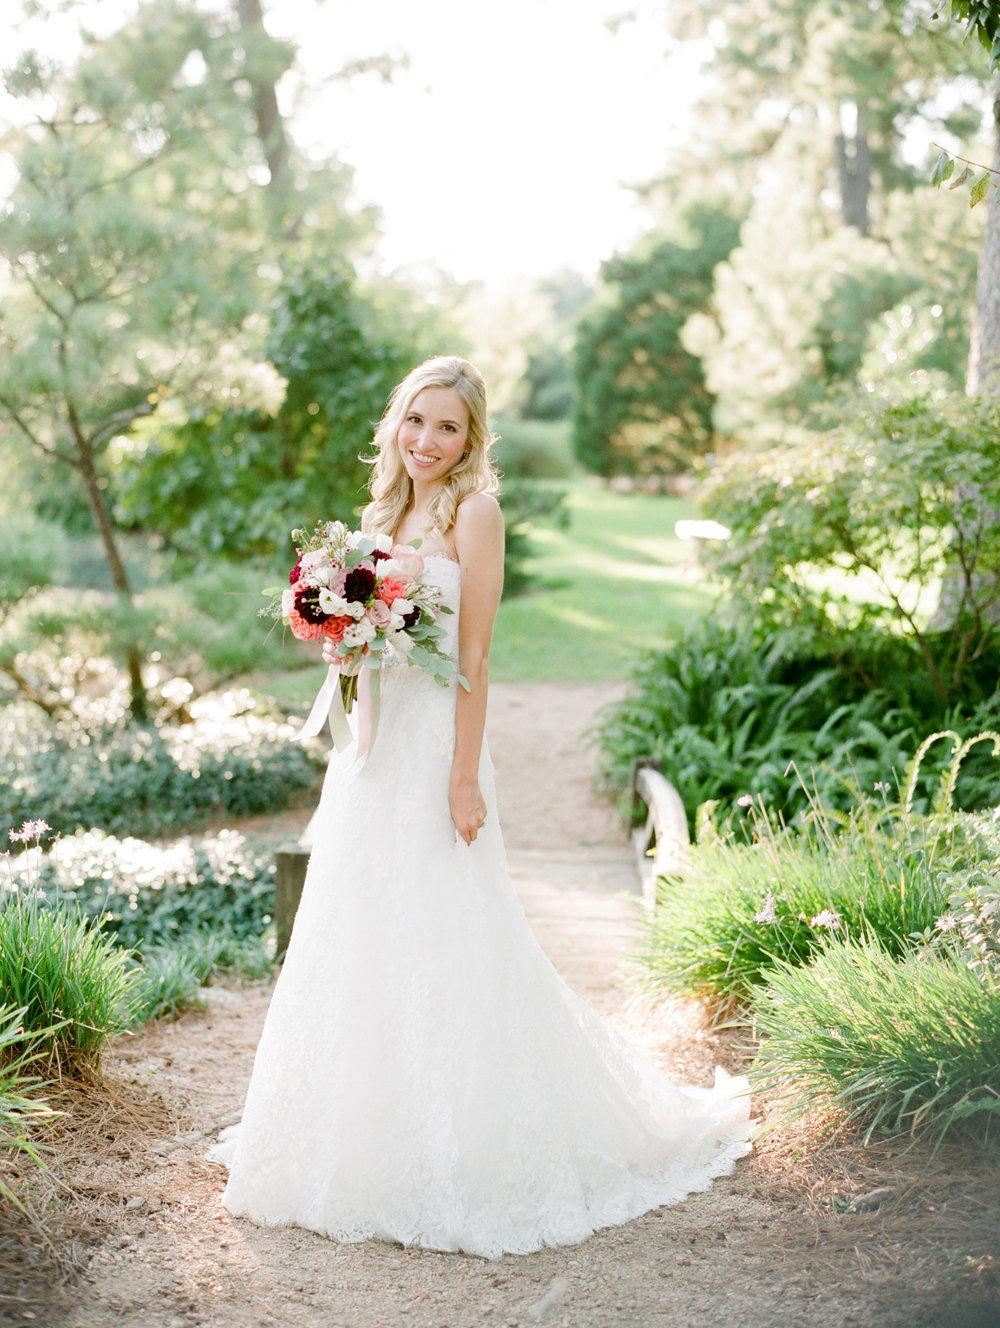 0006_0006_Houston-Natural-Light-Film-Bridal-Photographer.jpg